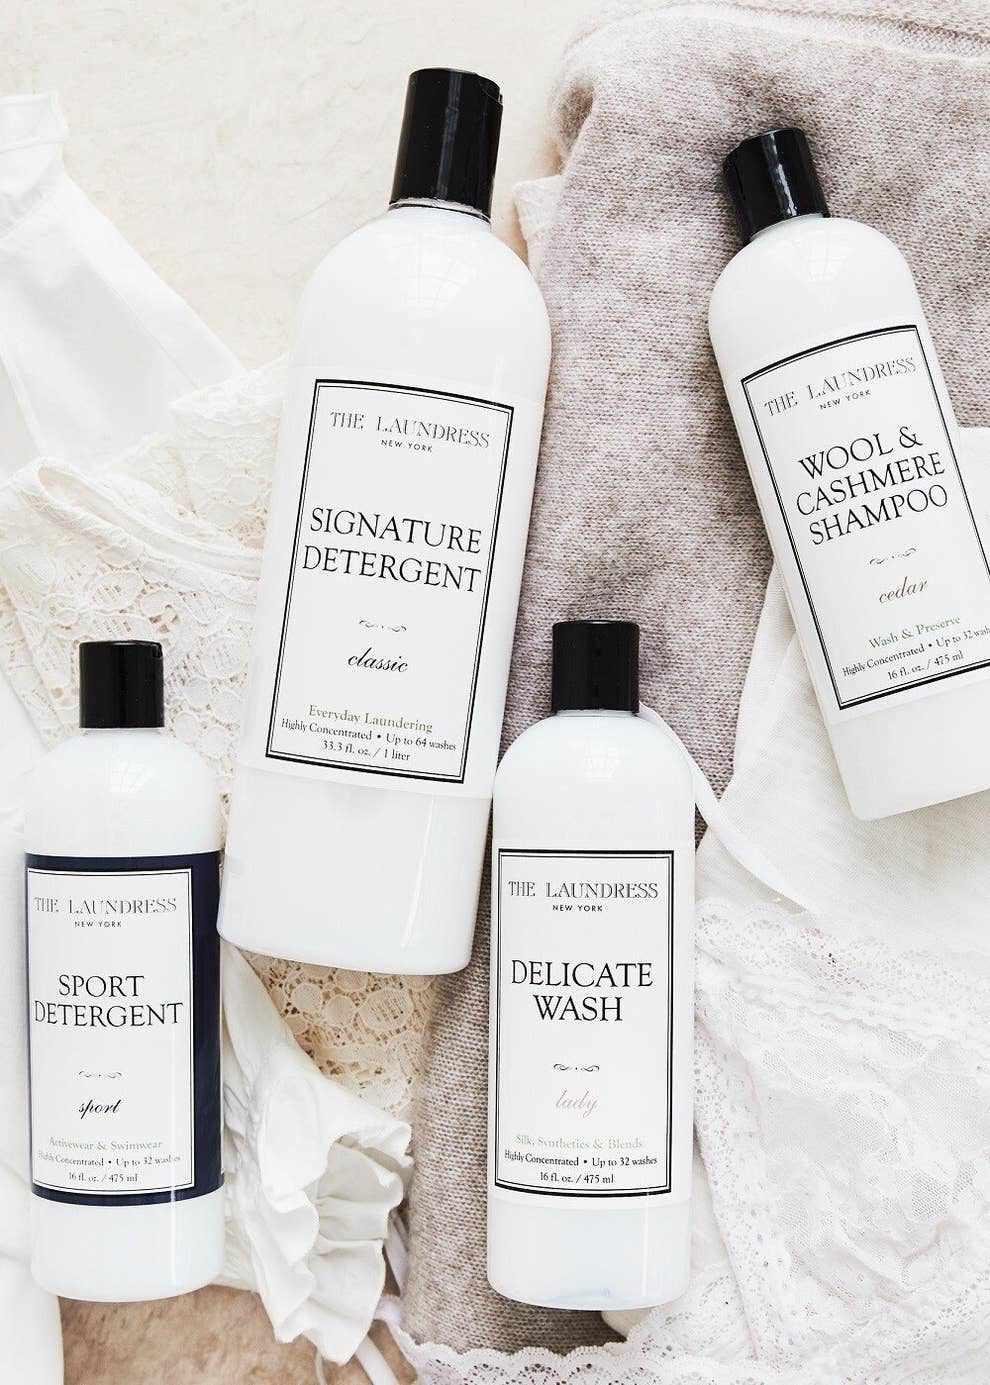 The Laundress Best Sellers Kit